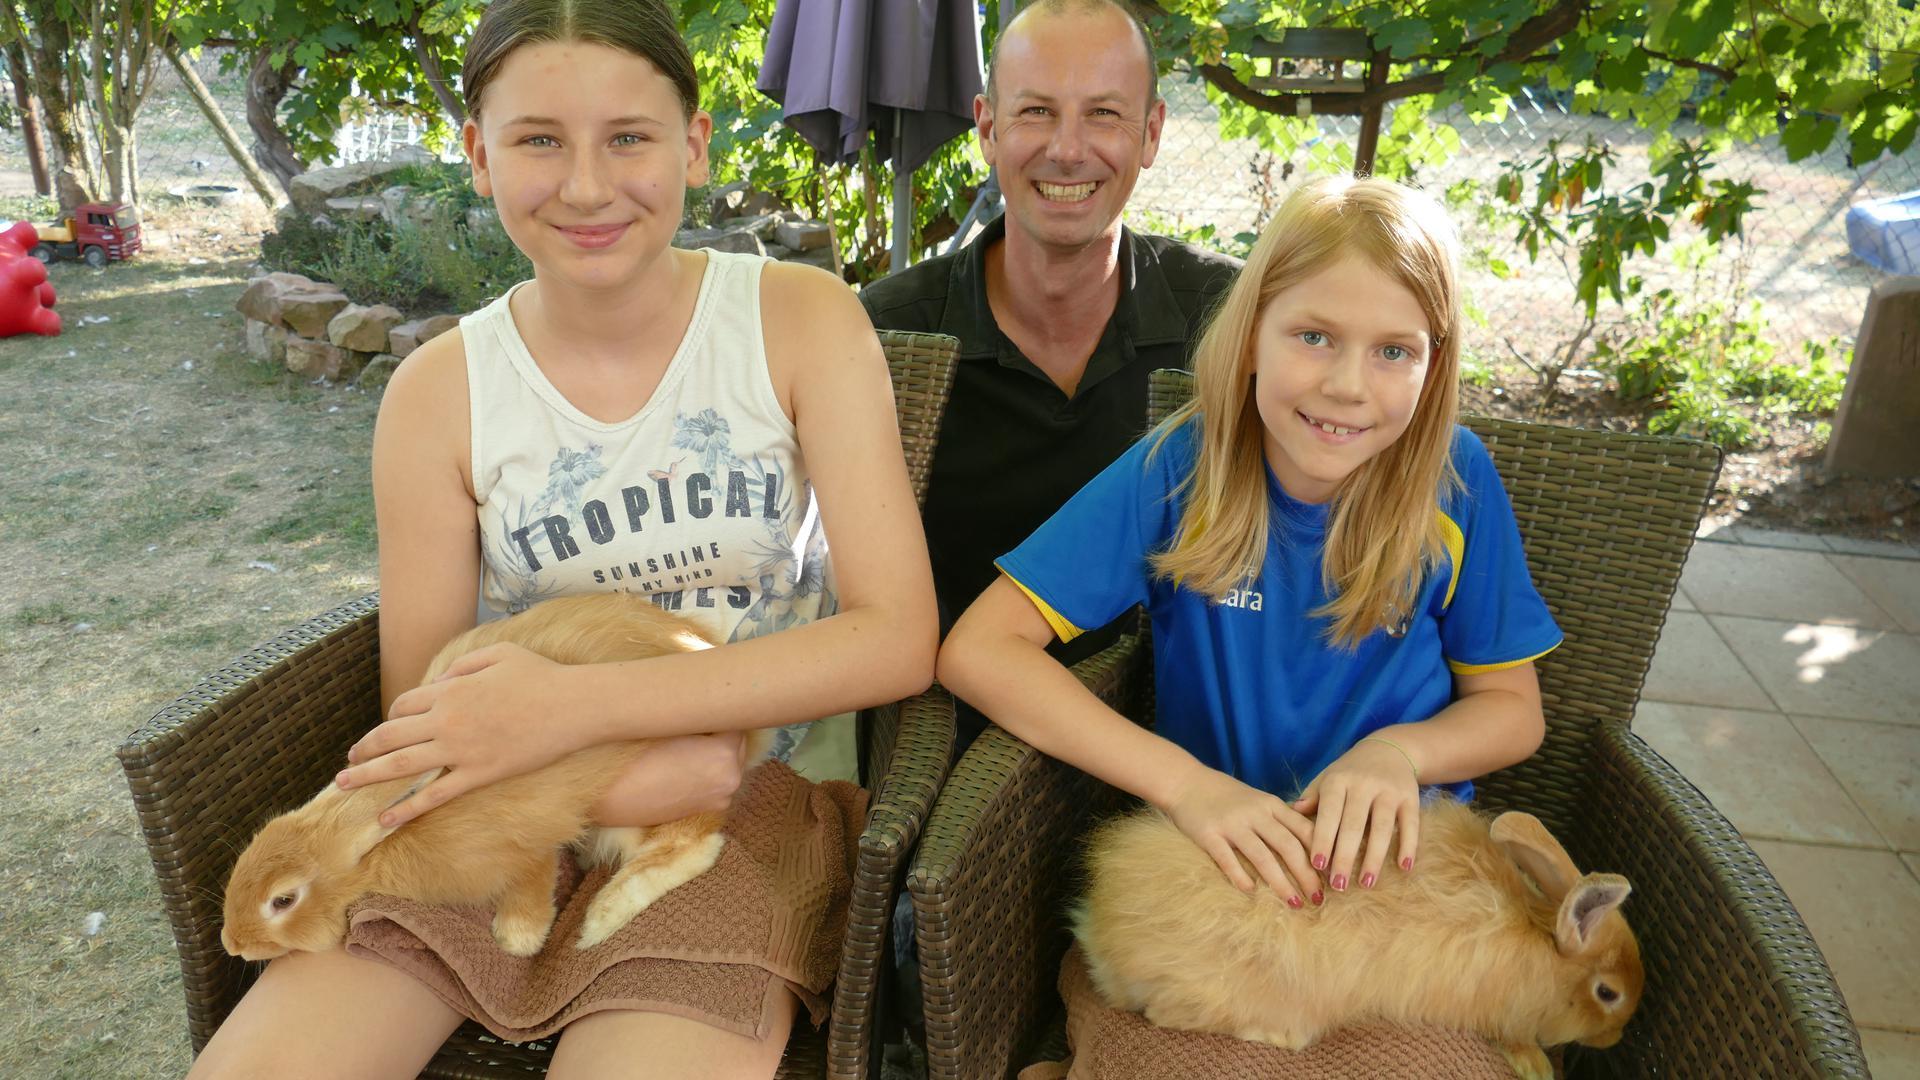 Kleintierzüchter Martin Moser, seine ältere Tochter Annalena und Patenkind Clara. Die Fuchs-Kaninchen, die die Mädchen auf dem Schoß haben, gelten als extrem gefährdete Rasse.